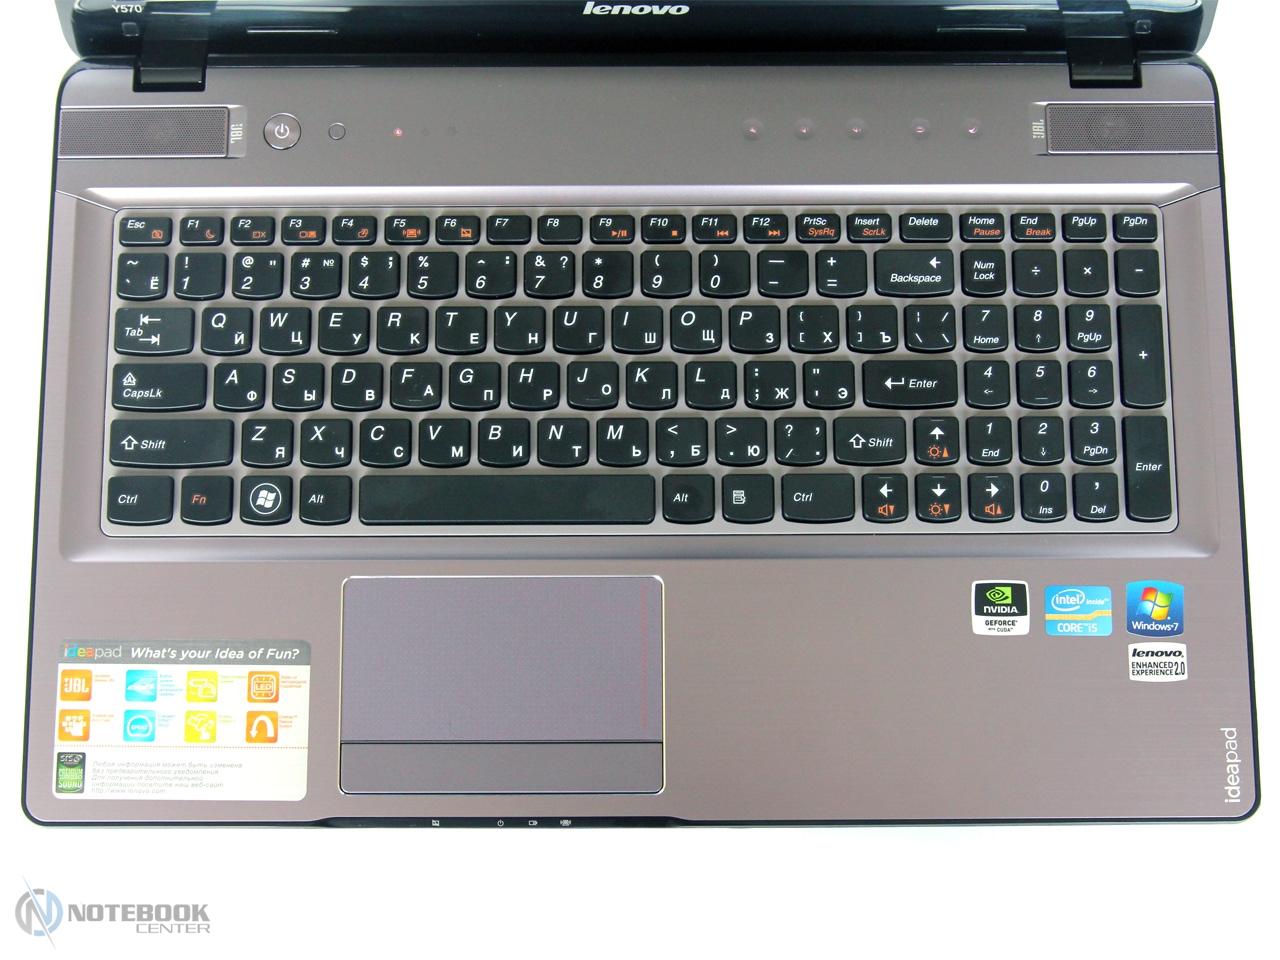 Как сделать скриншот экрана на ноутбуке тошиба виндовс 10